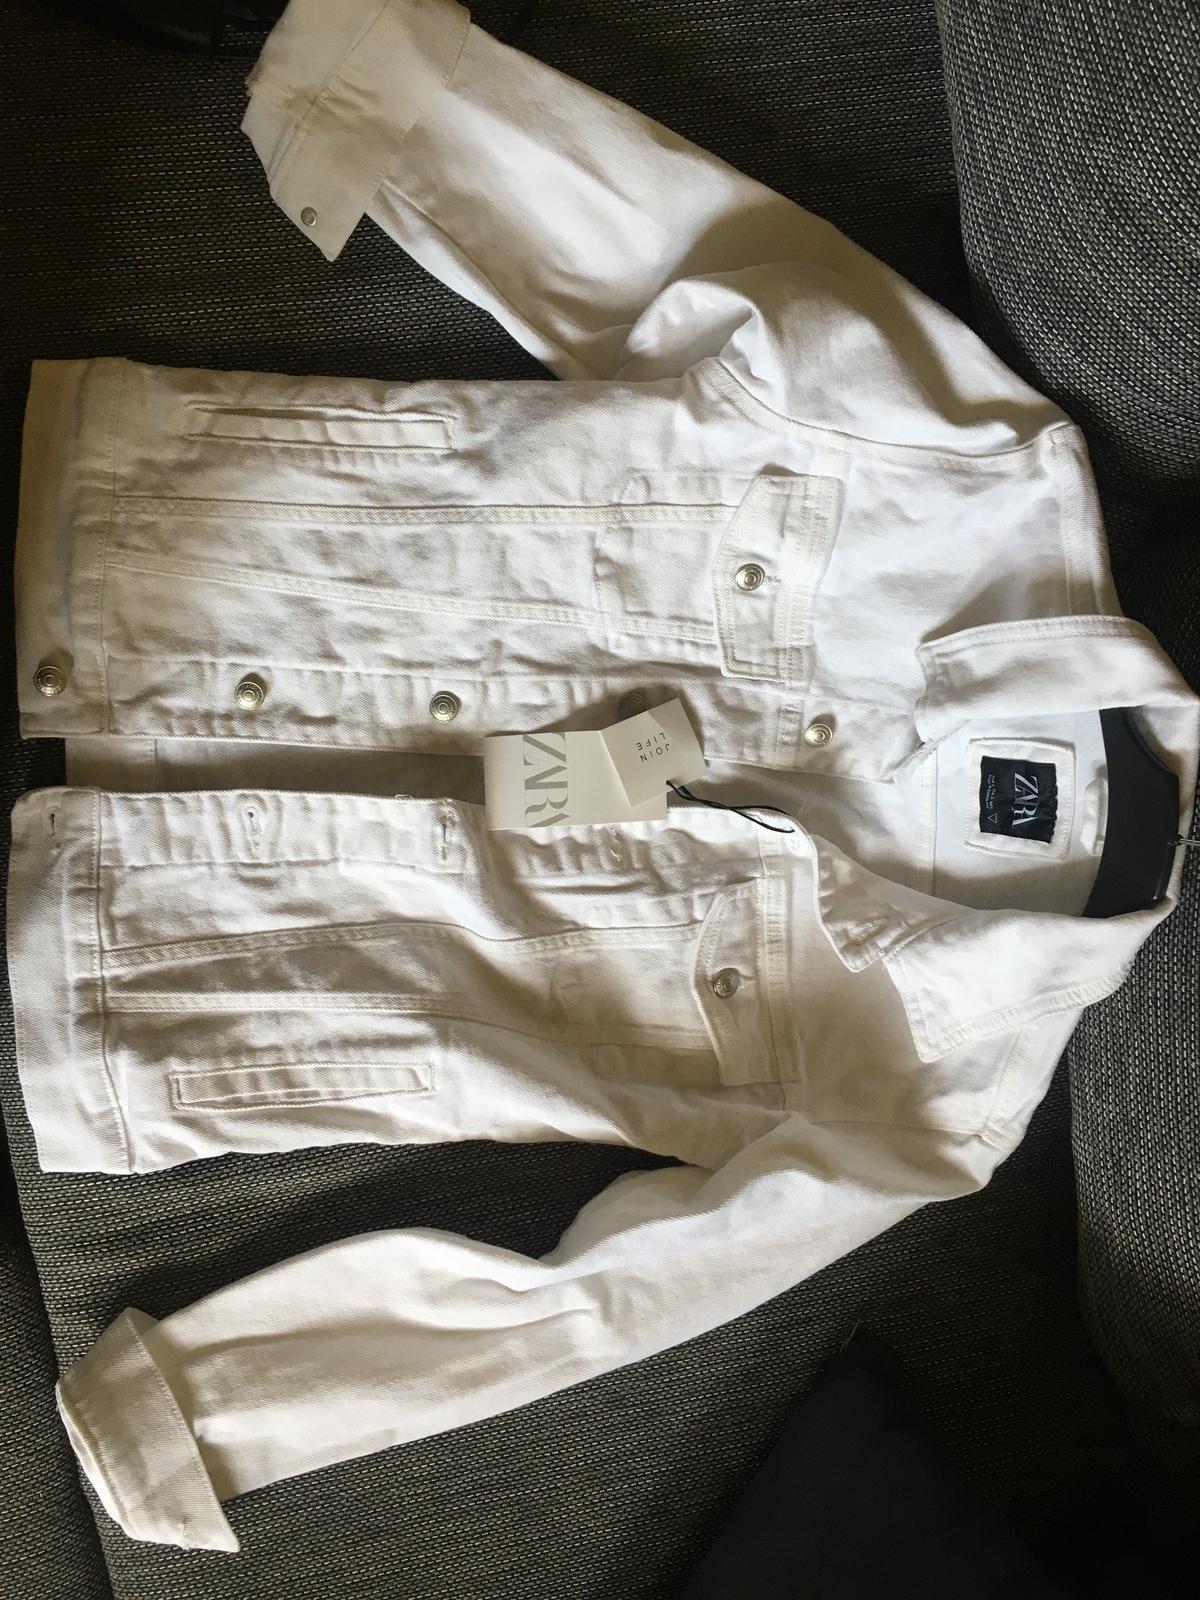 NOVÁ bílá džínsová bunda ZARA - Obrázek č. 2